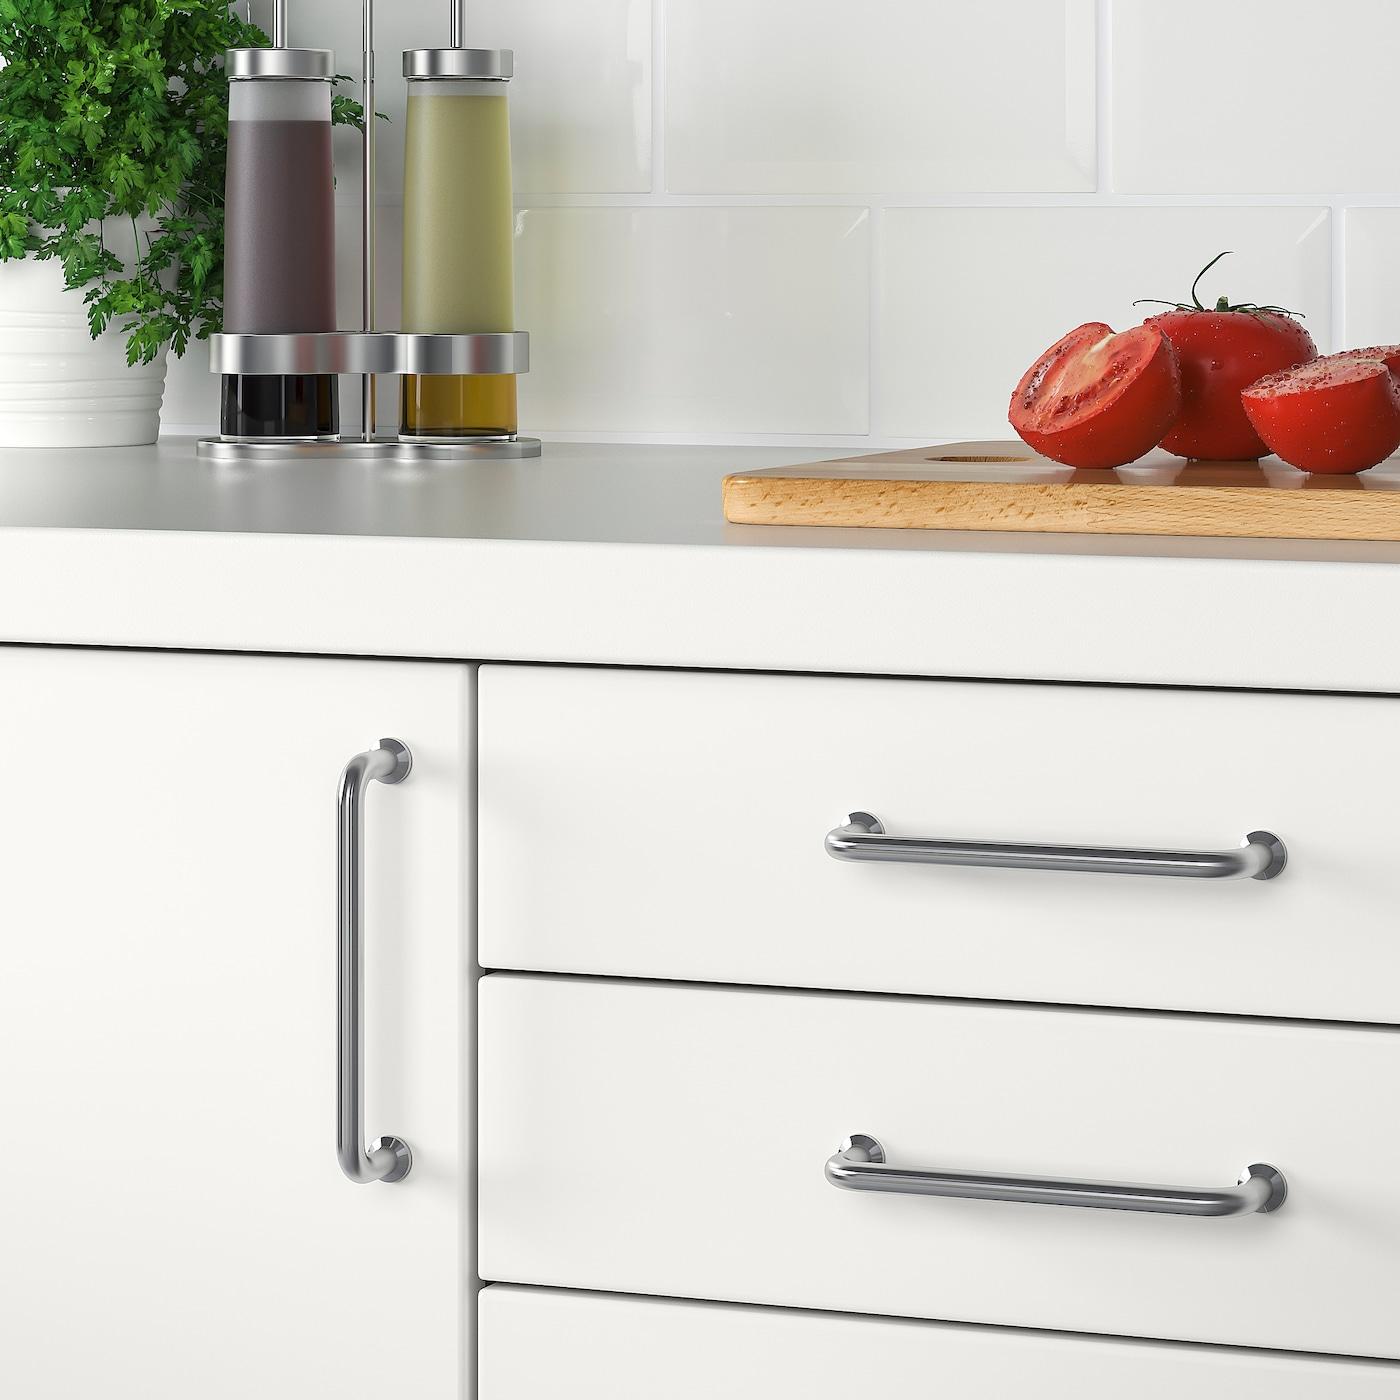 Bagganas Handle Stainless Steel Ikea